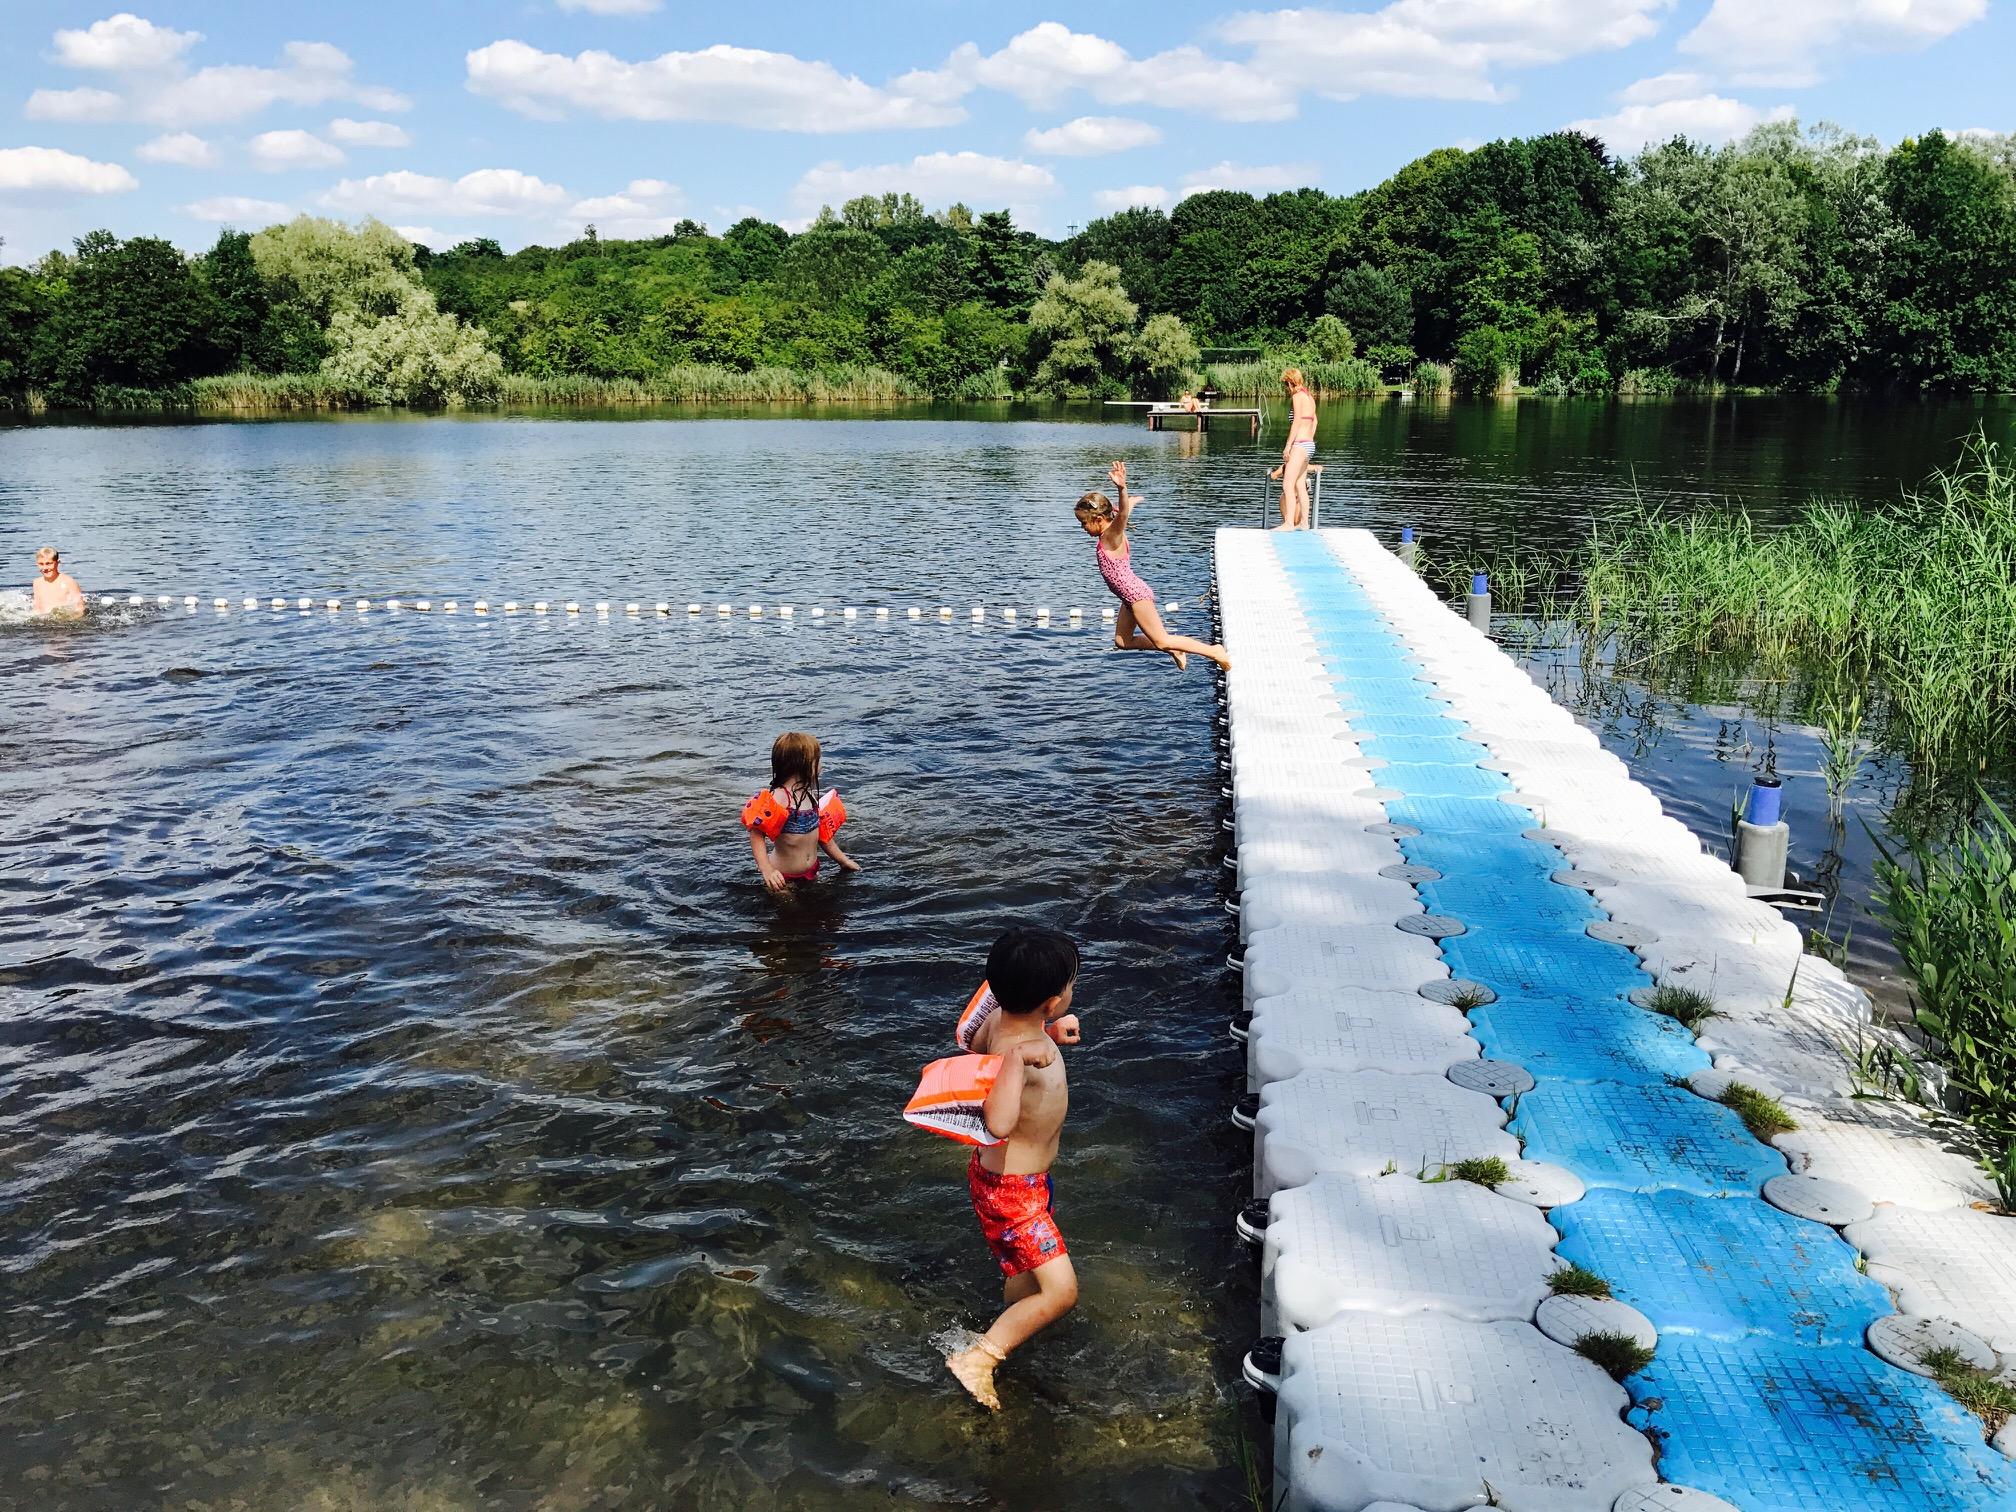 Kinder planschen im Strandbad Sperenberg, Krummer See, Brandenburg